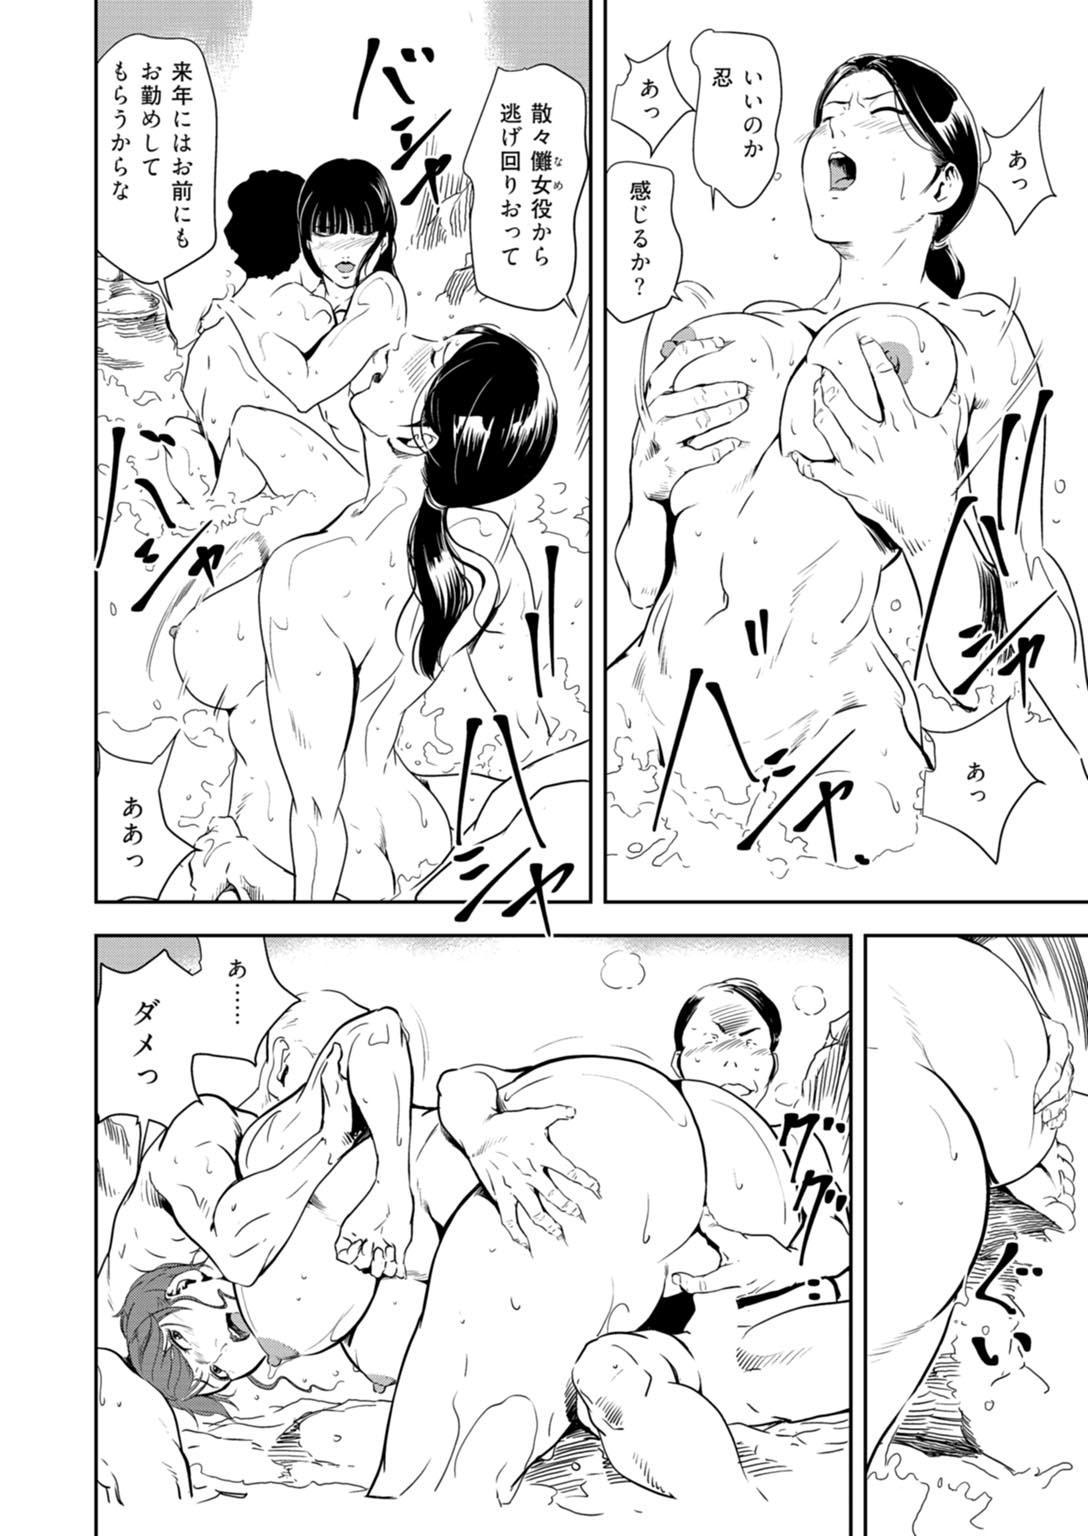 Nikuhisyo Yukiko 33 64